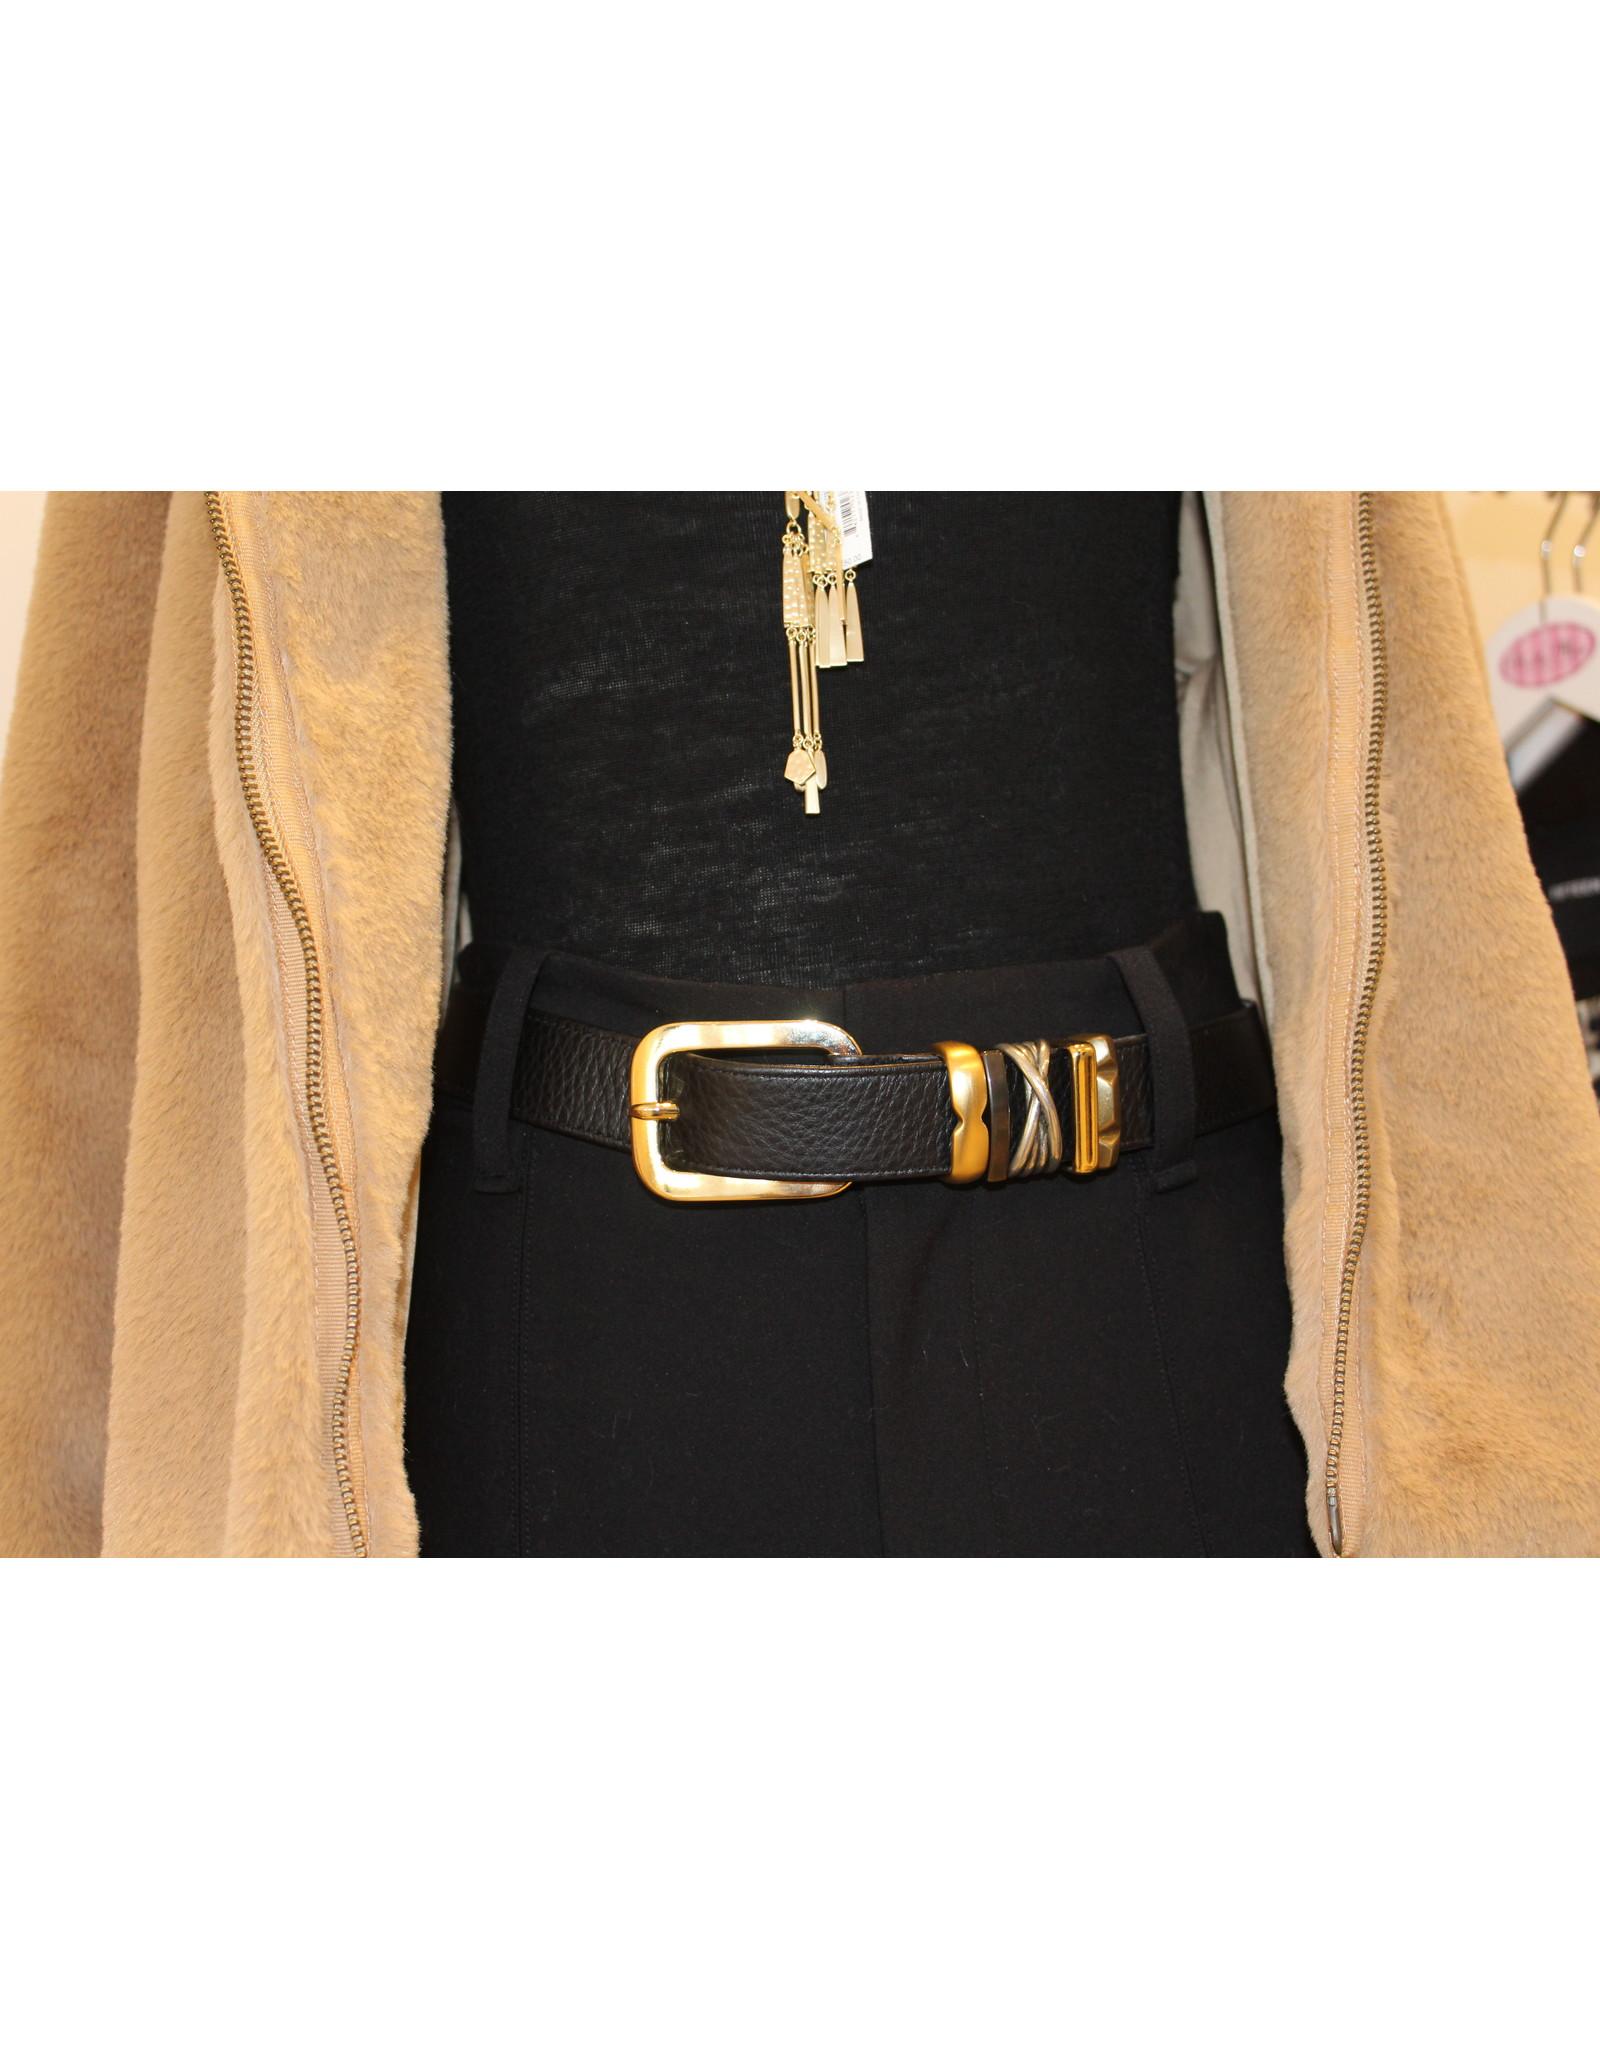 Suzi Roher Gold Assorted Belt